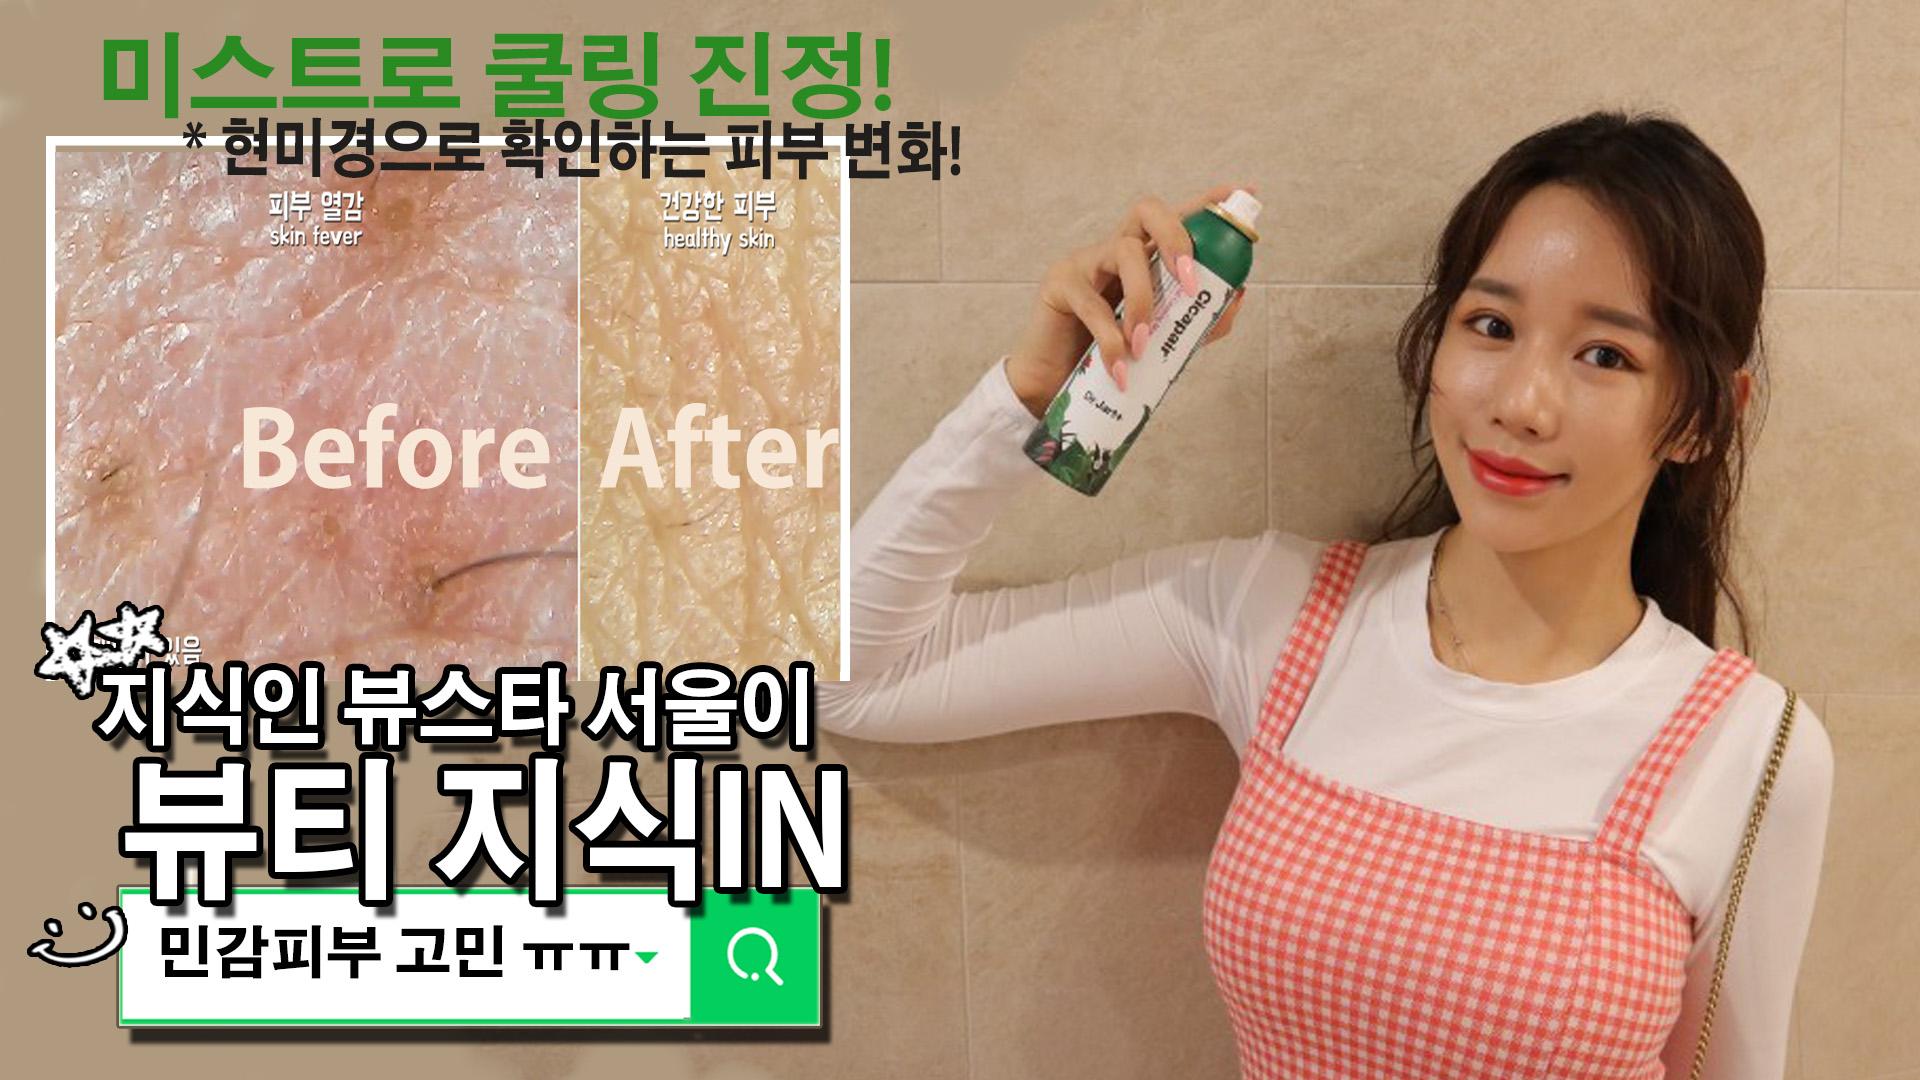 민감피부 고민 ㅠㅠ 뷰티 지식IN 미스트로 쿨링 진정!! Sensitive Skin Concerns ♪ Mist ♪ Cooling down!!